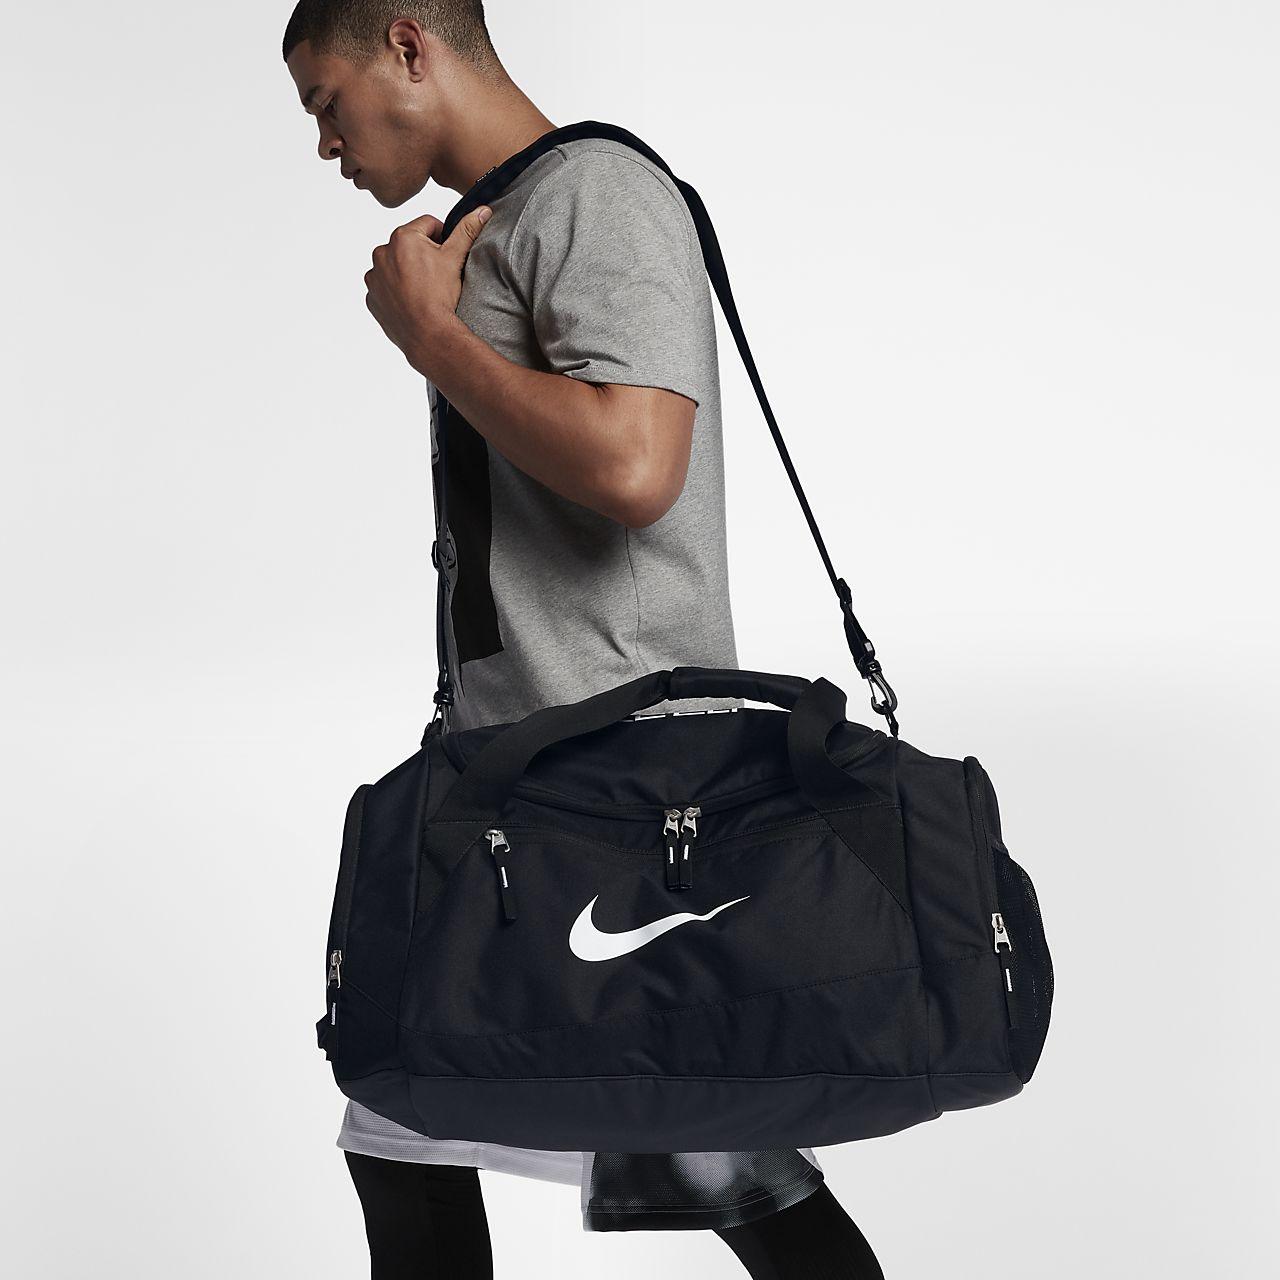 Nike Duffel Bag Large